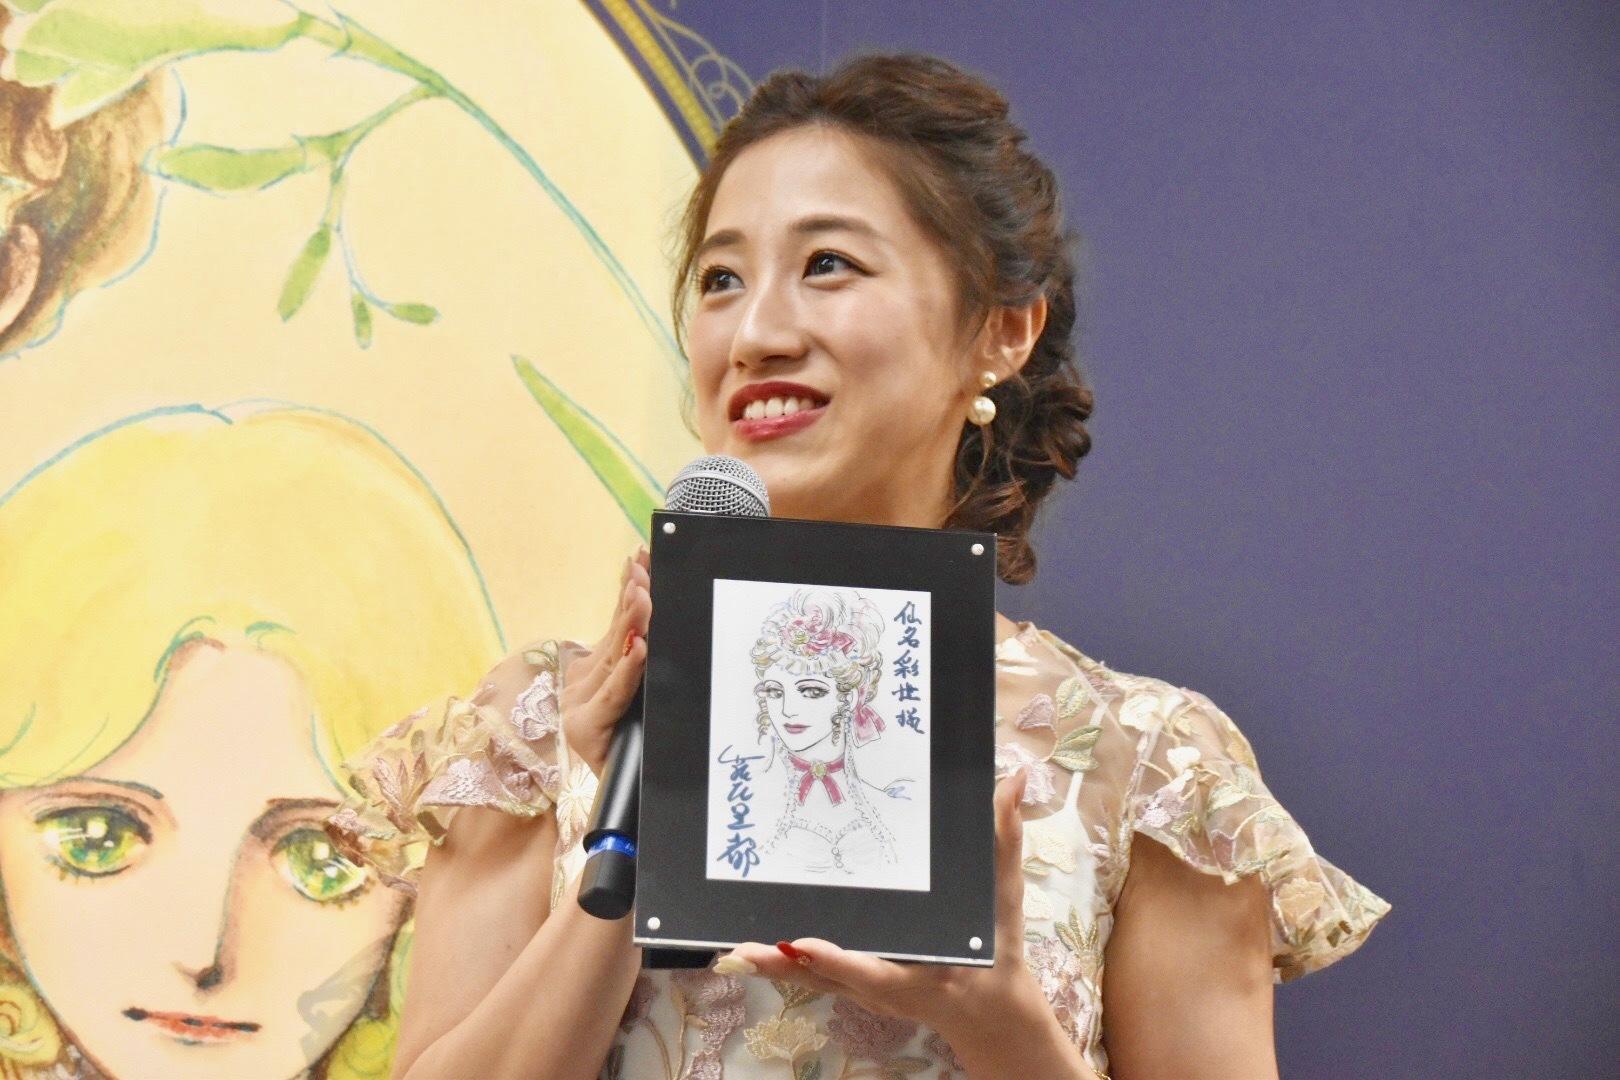 「一生の宝物」と仙名が紹介したのは、萩尾望都直筆のシーラの似顔絵。宝塚版『ポーの一族』の東京公演中に、楽屋に届けられた。